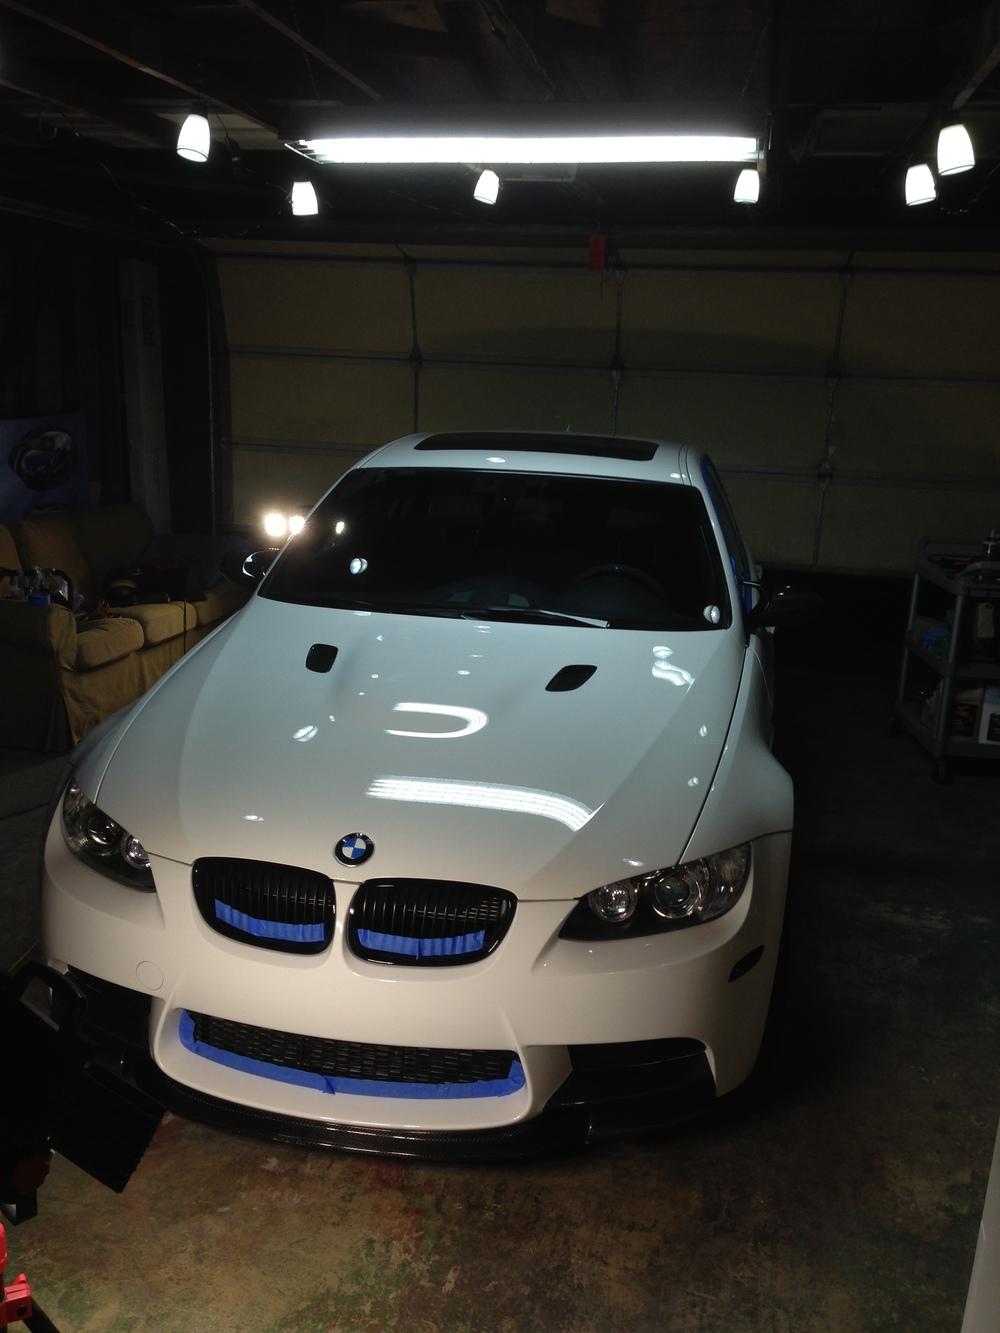 BMW_M5_GoldPackage.JPG